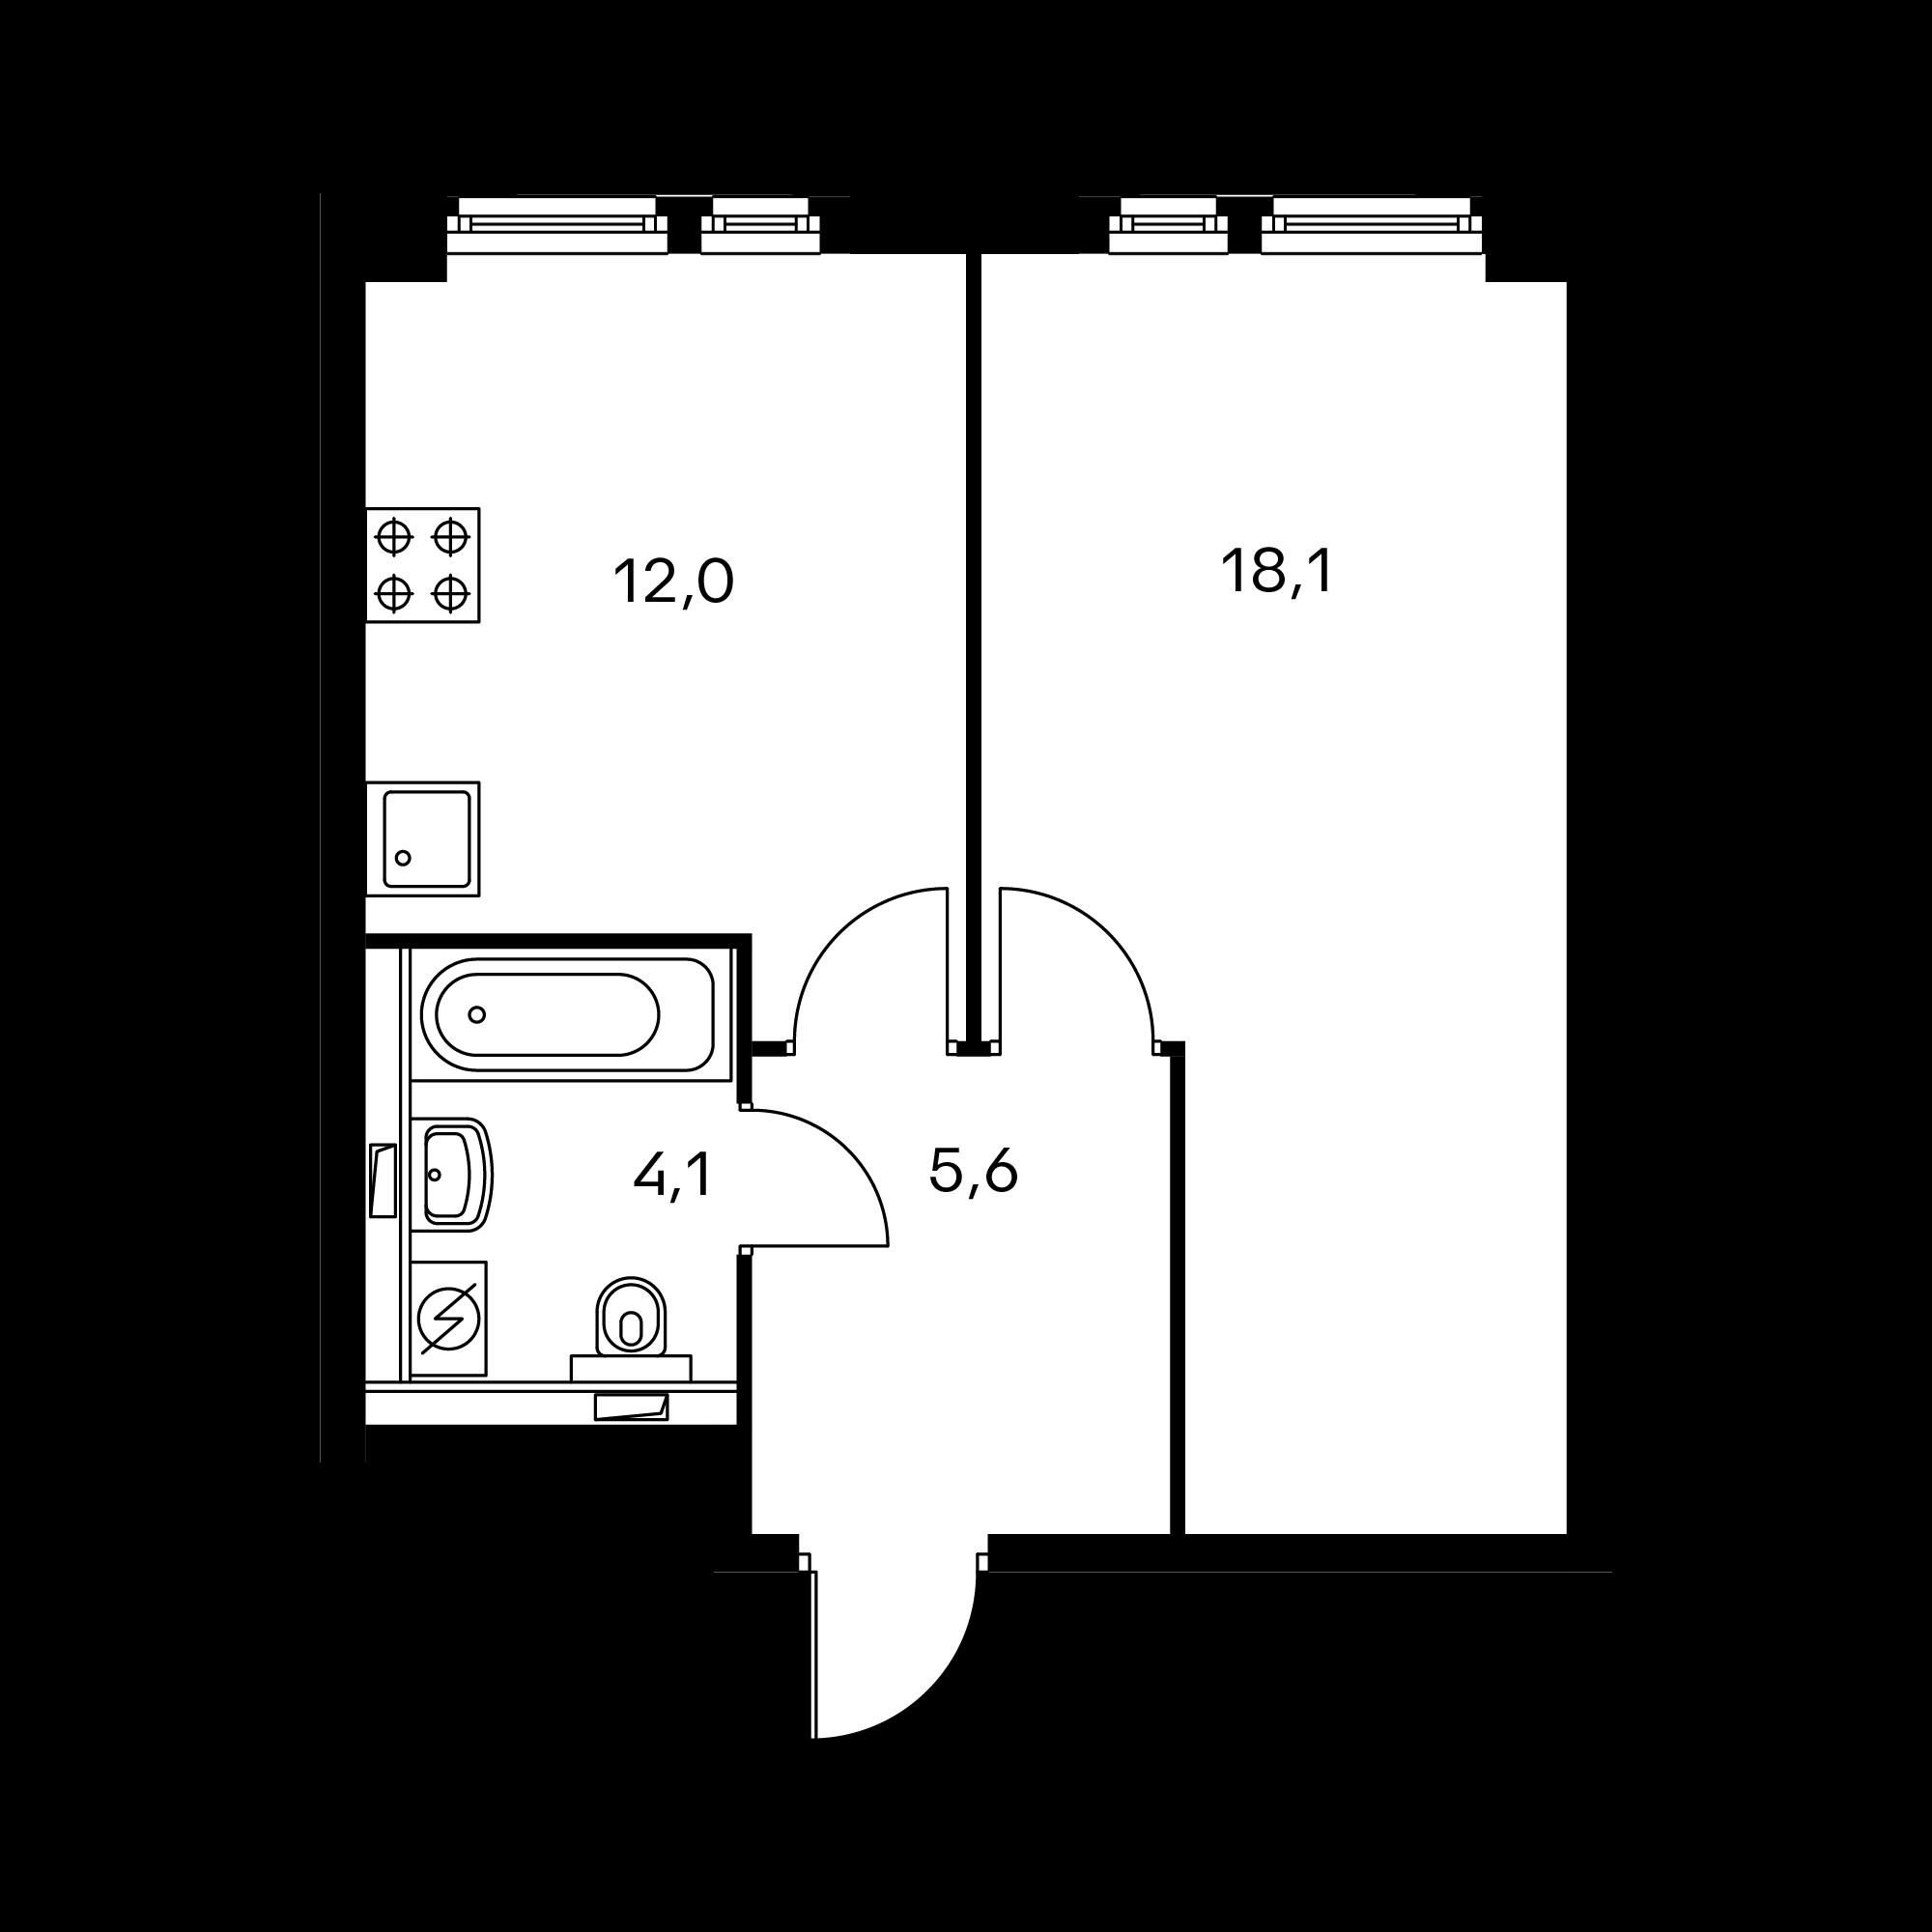 1KM1_6.6-1SZ*